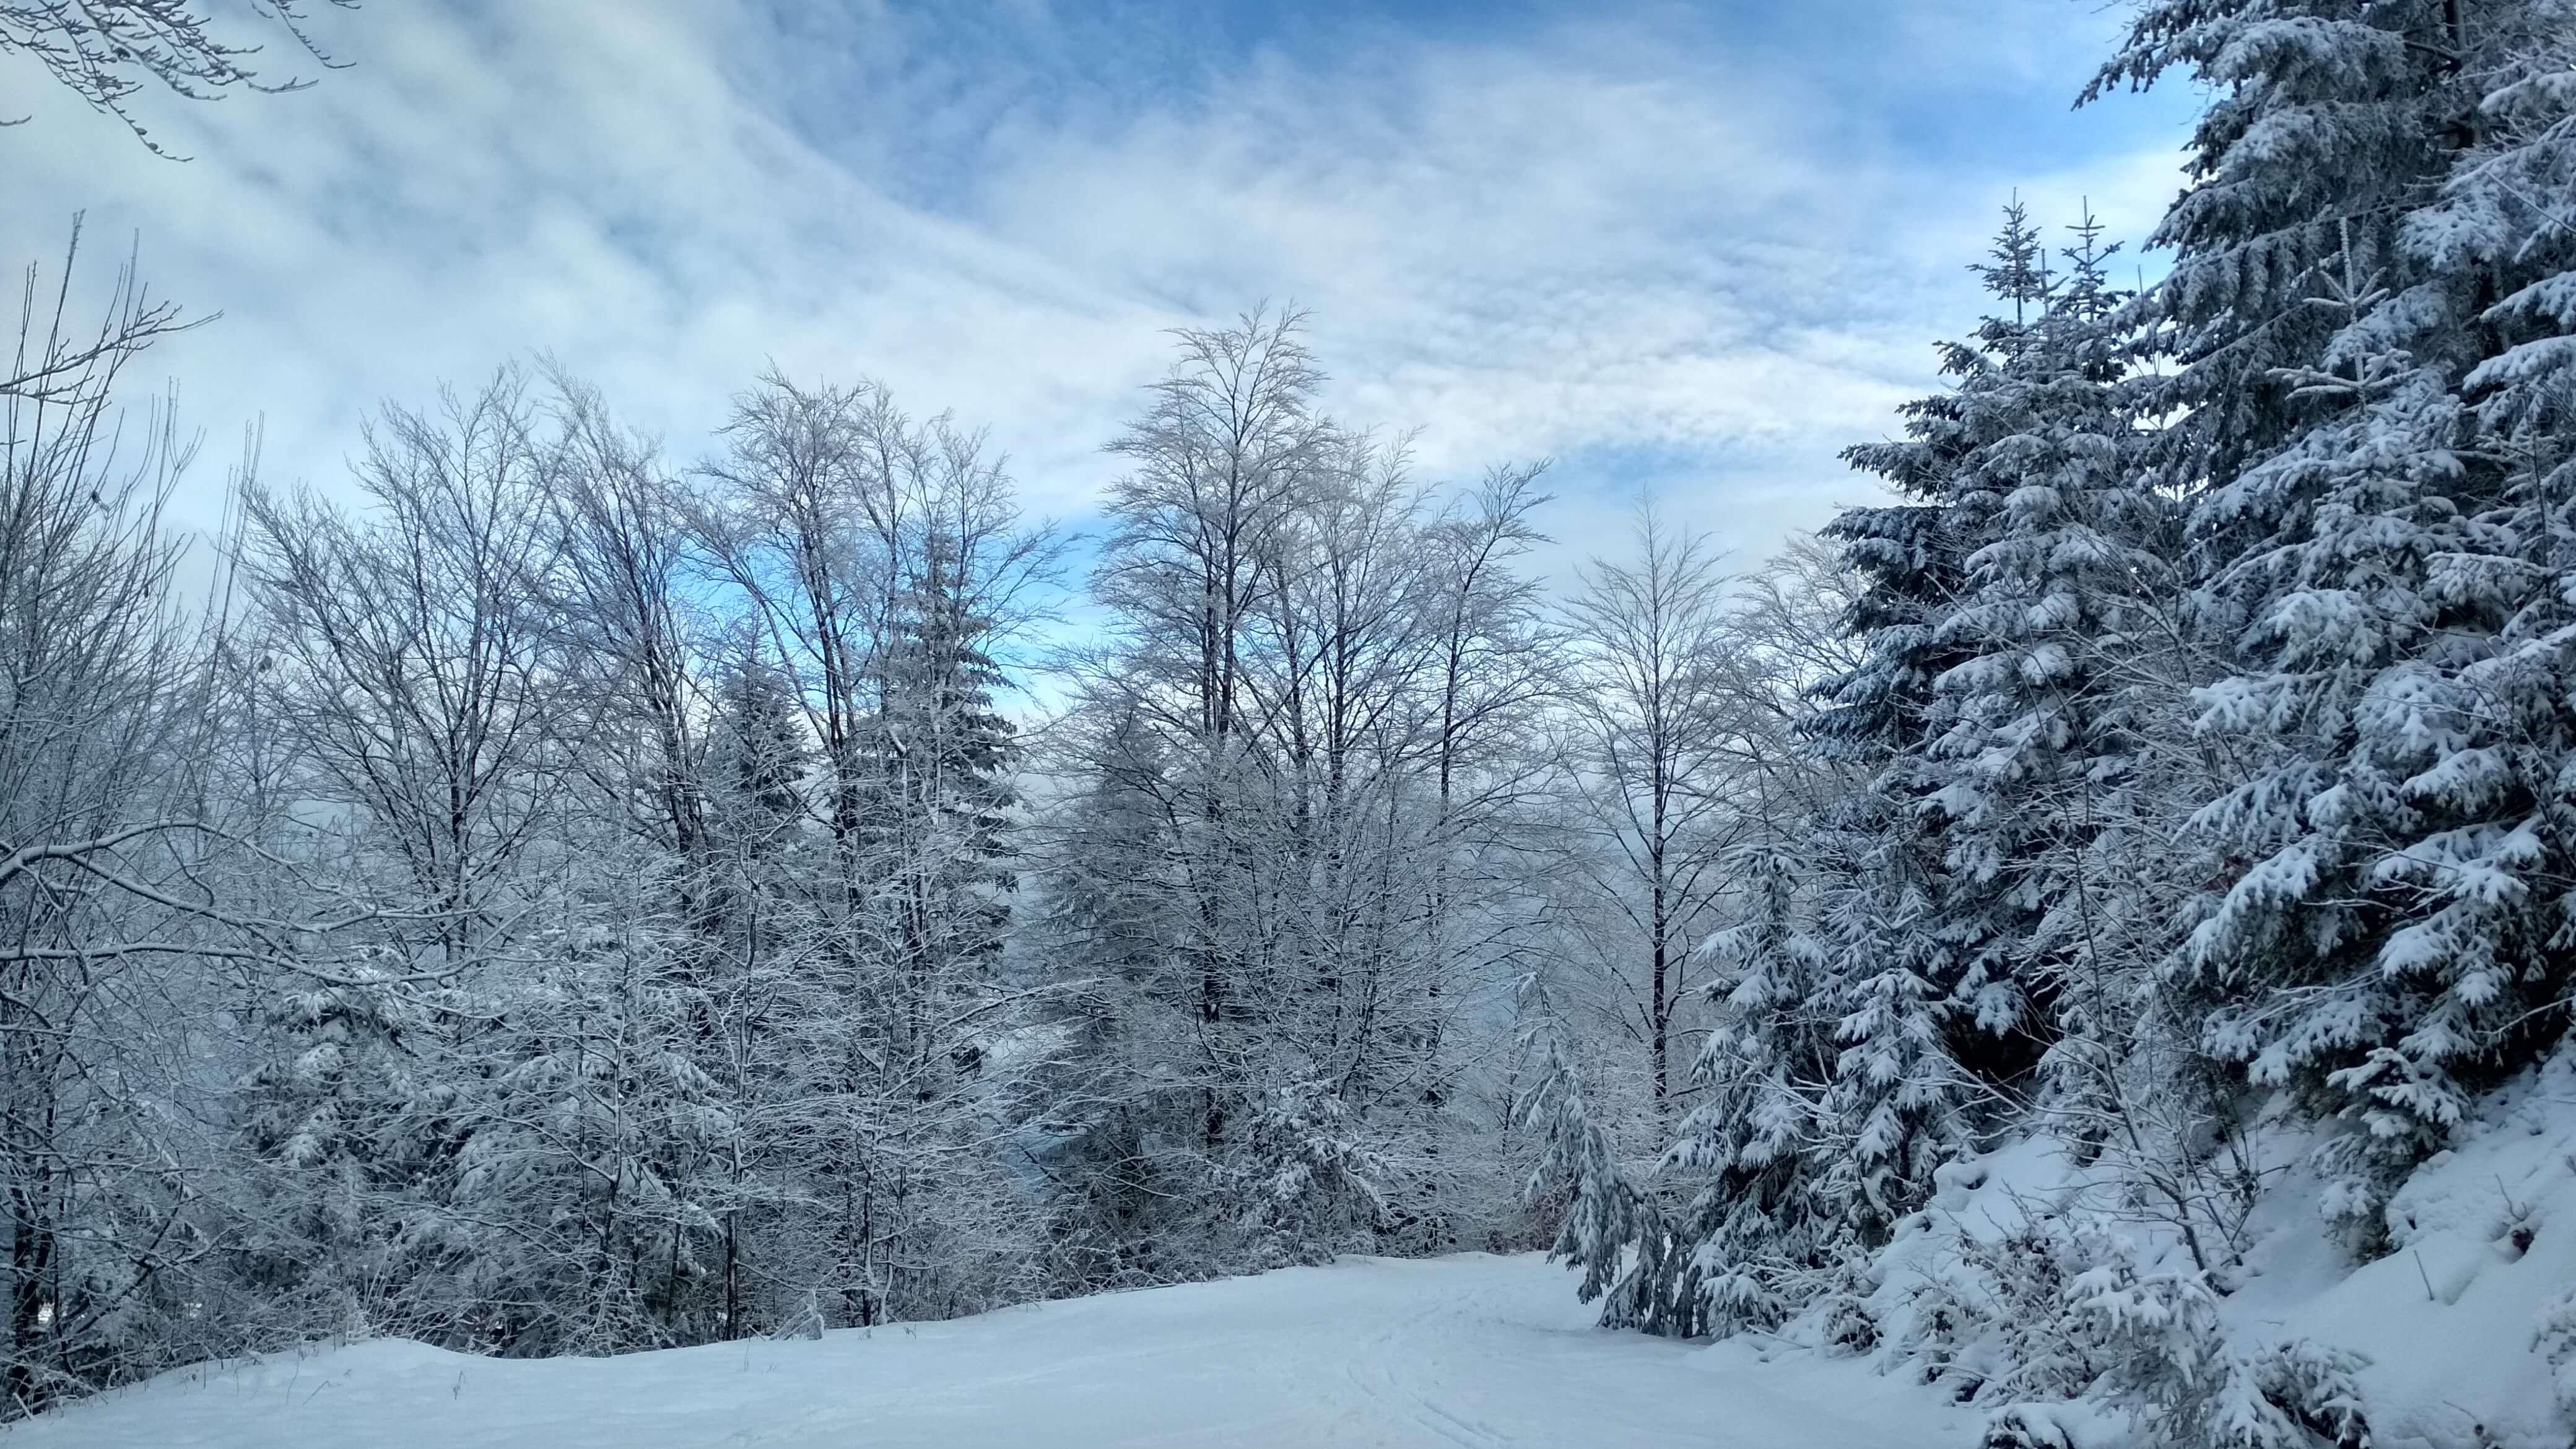 Przecinamy trasę narciarstwa biegowego